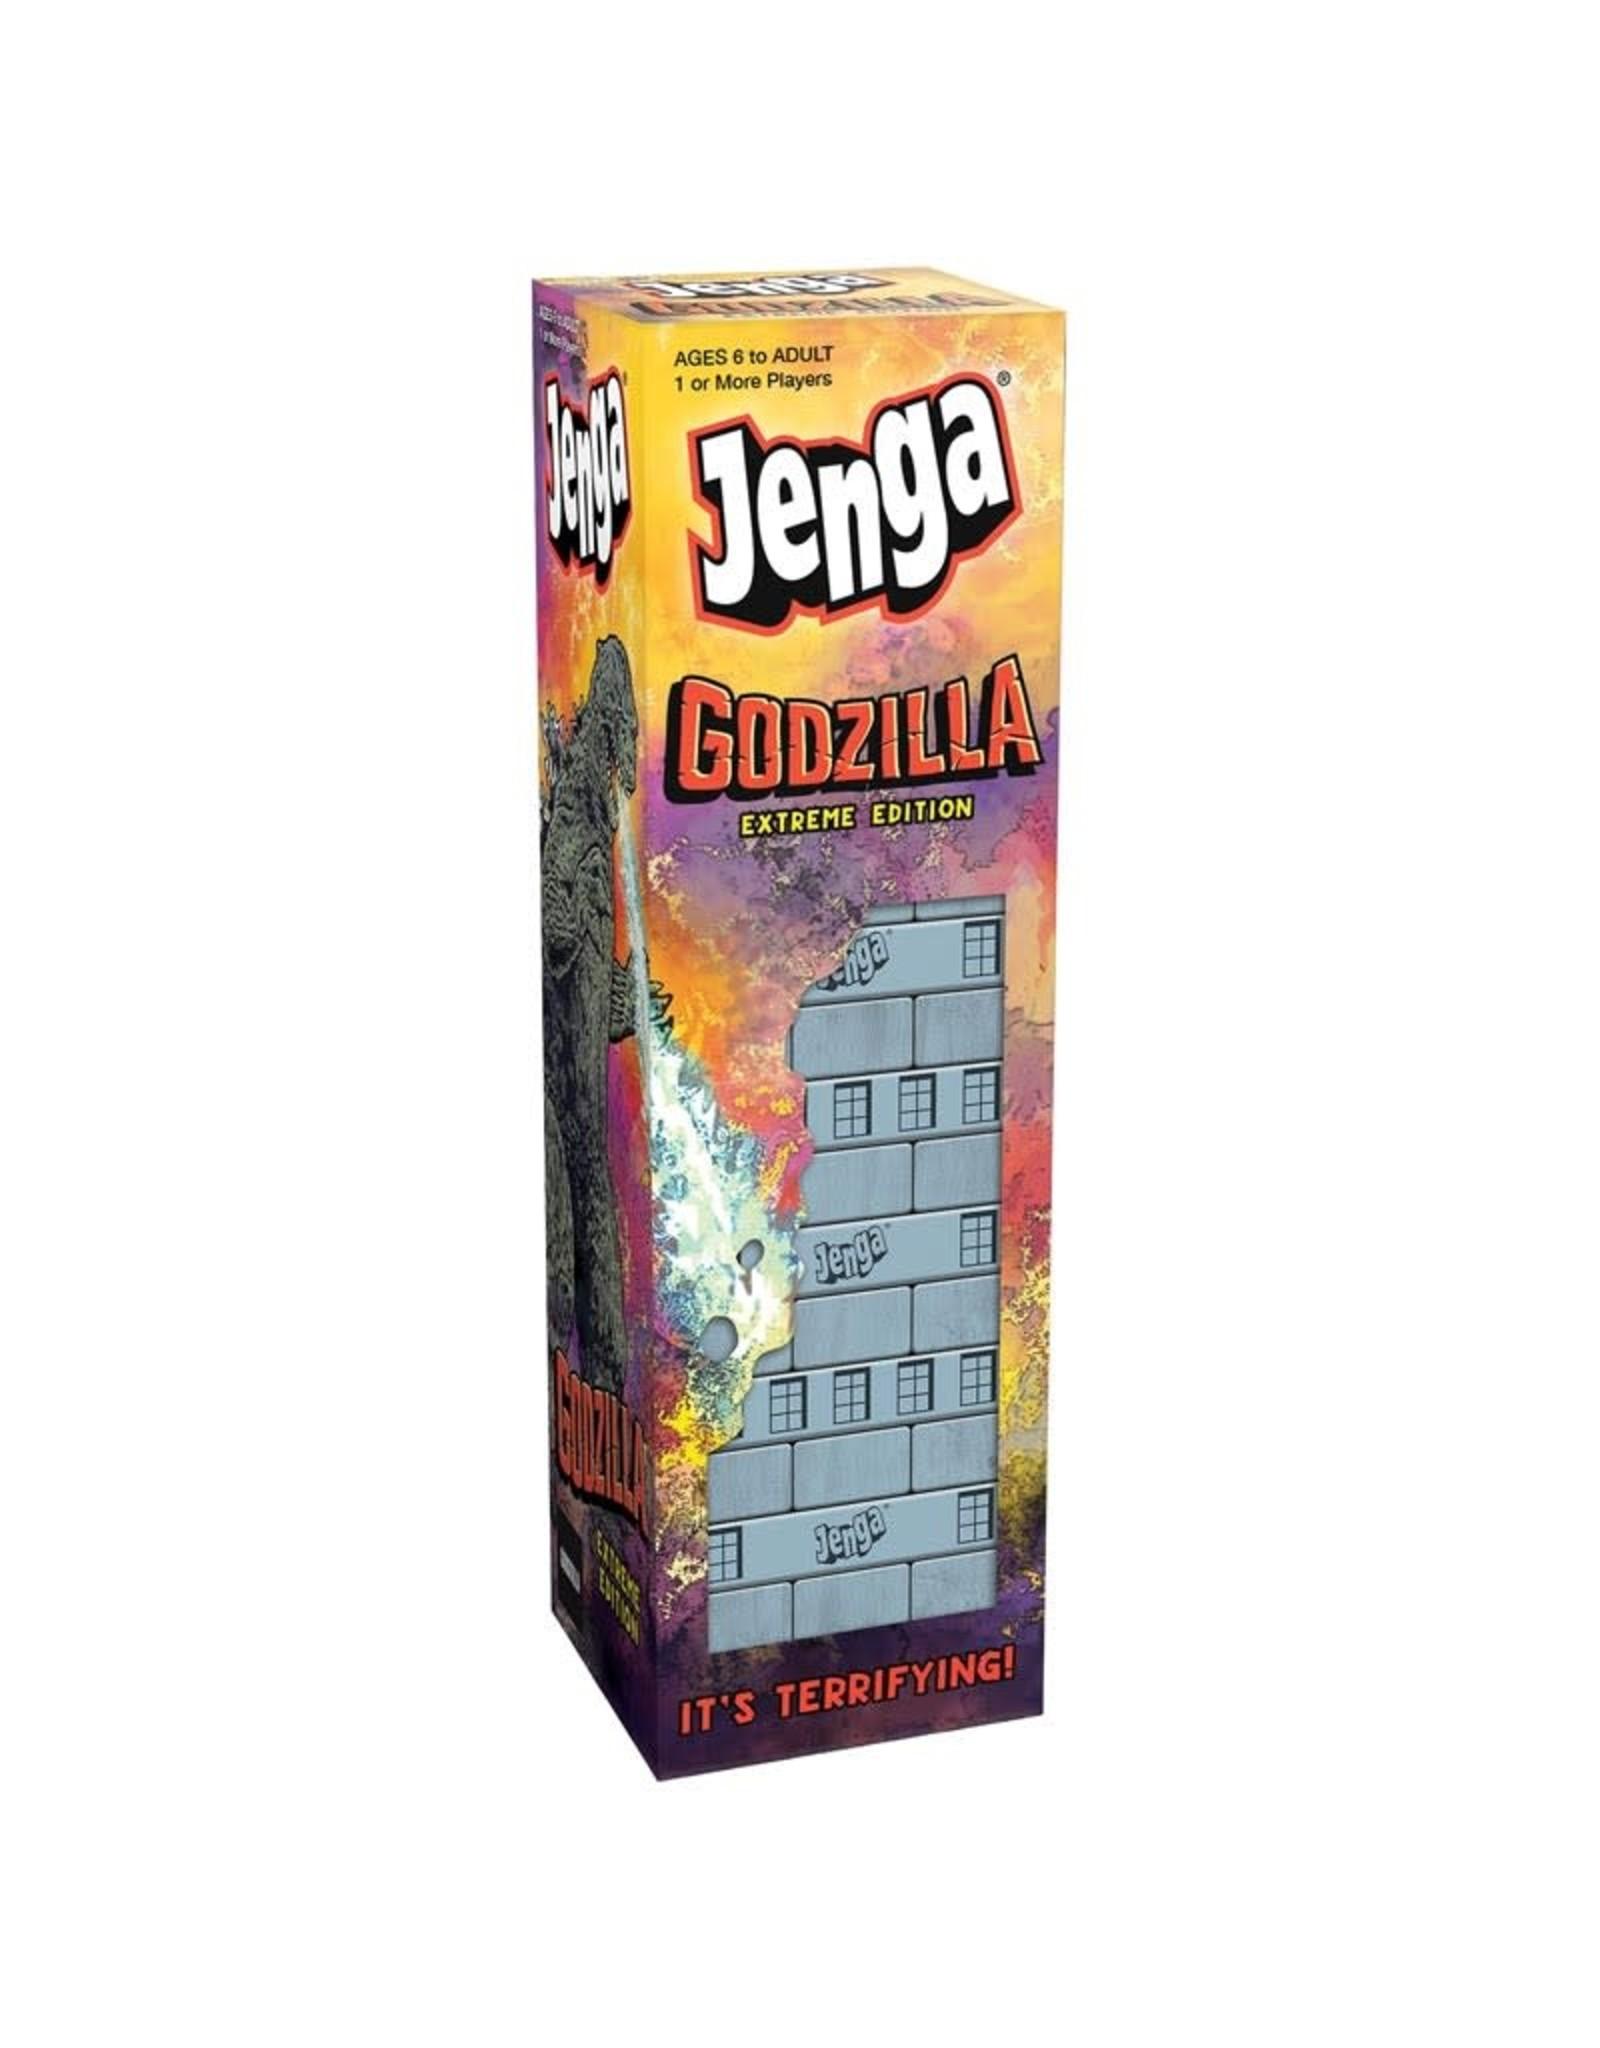 JENGA Godzilla Extreme Edition